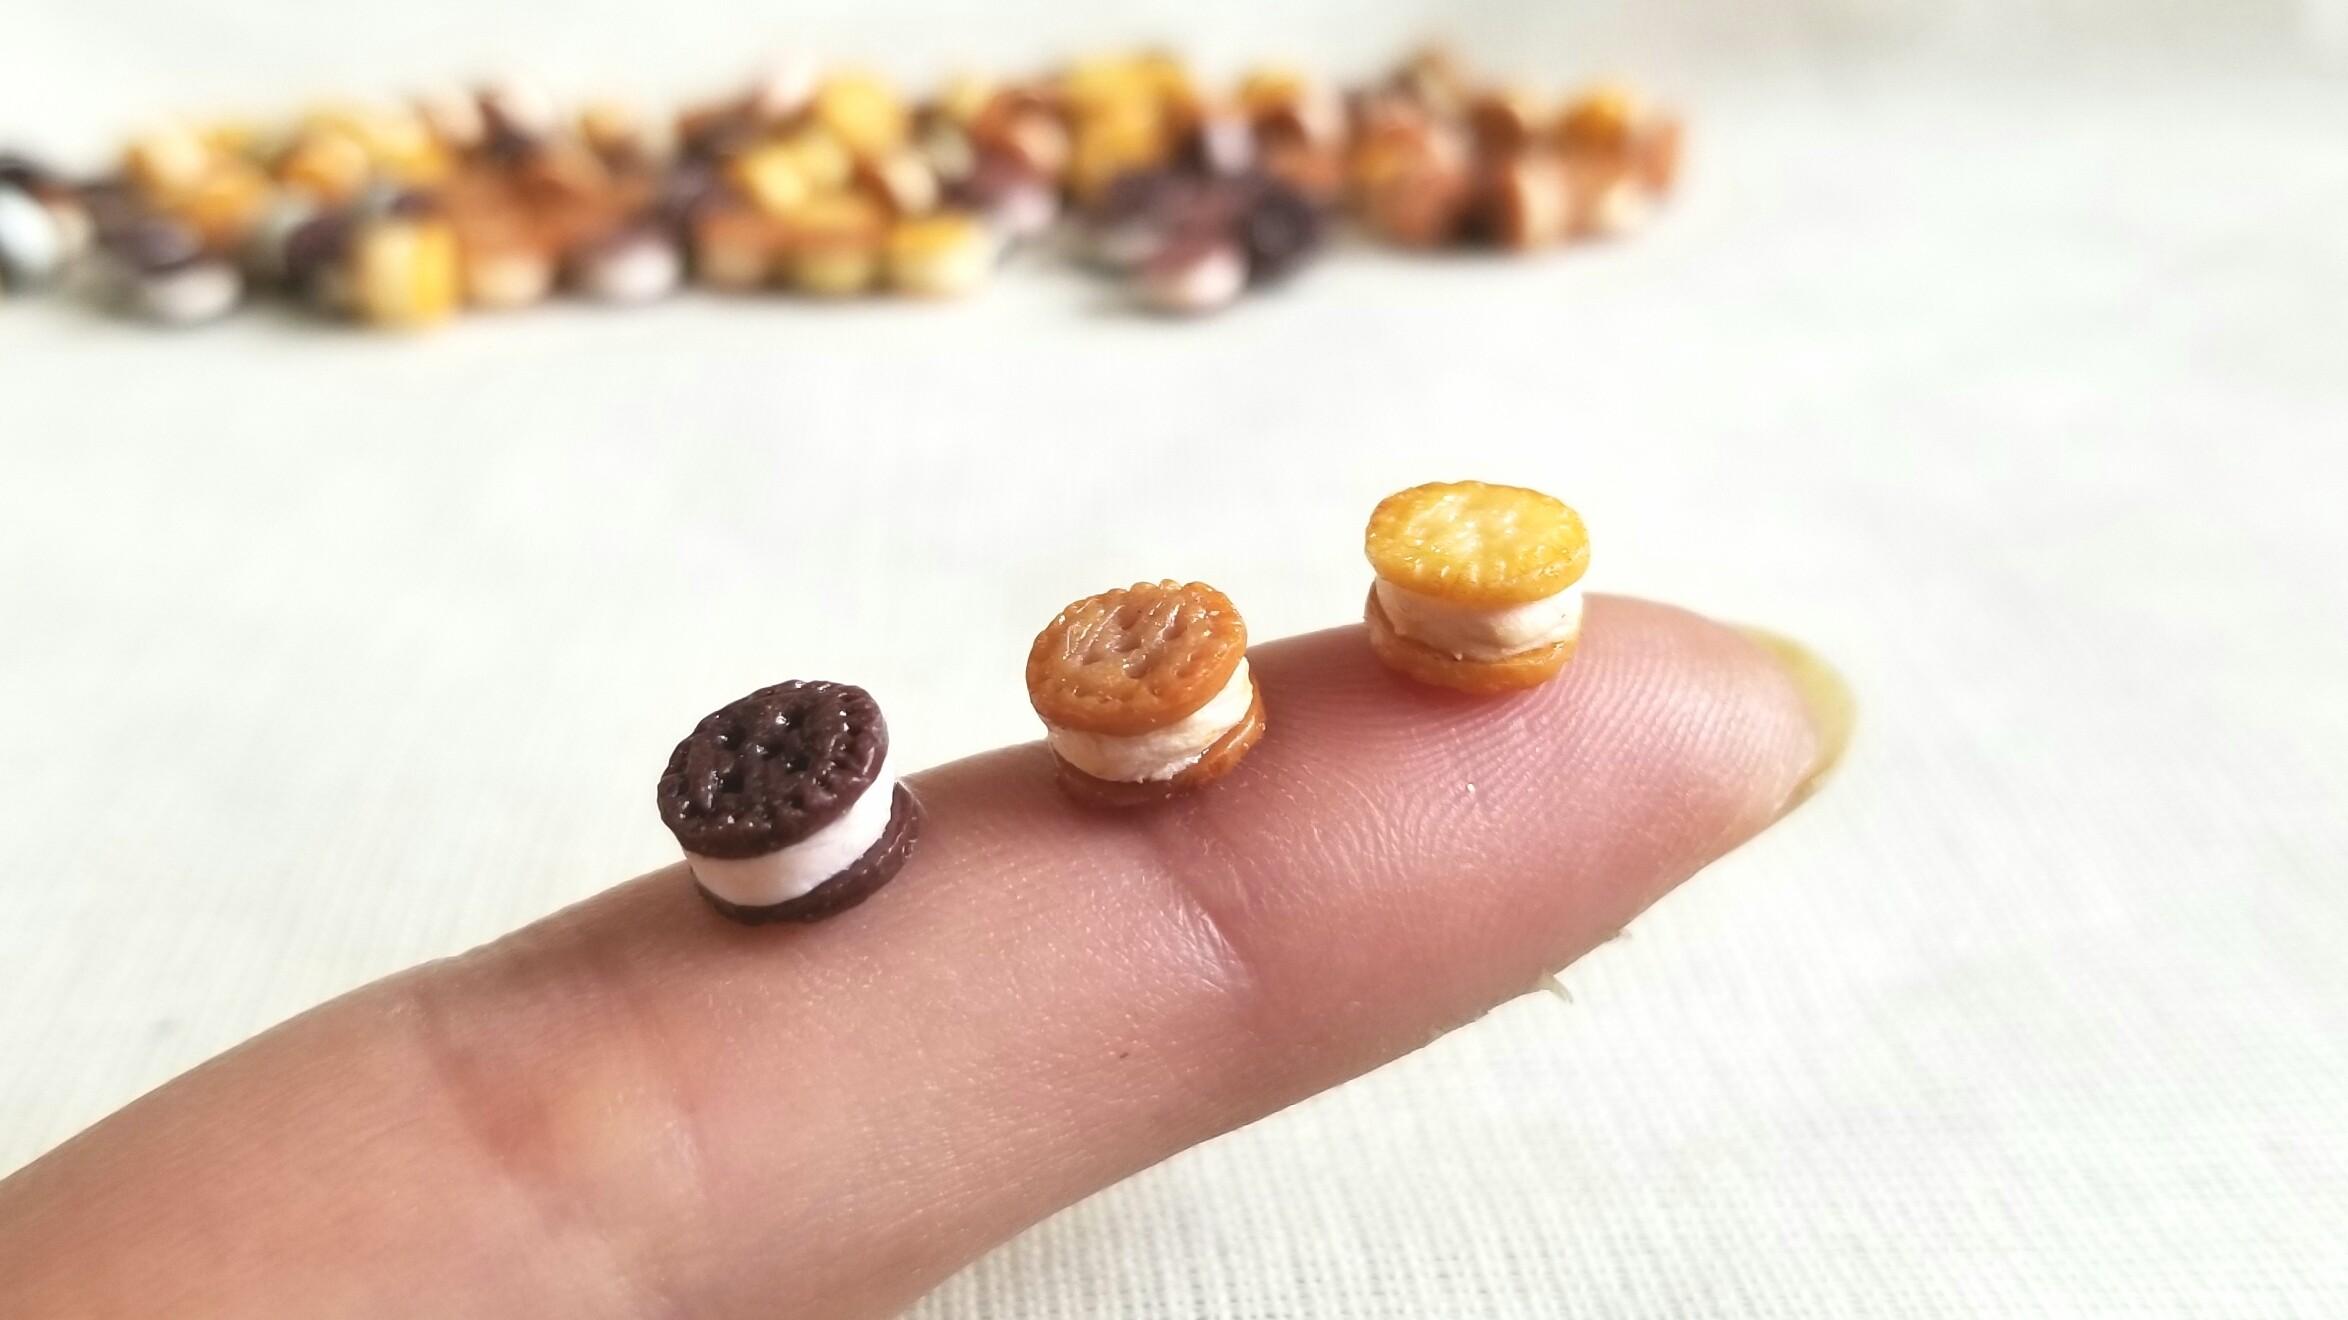 かわいいおすすめ人気ドール用小物おもちゃお菓子クッキーミニチュア